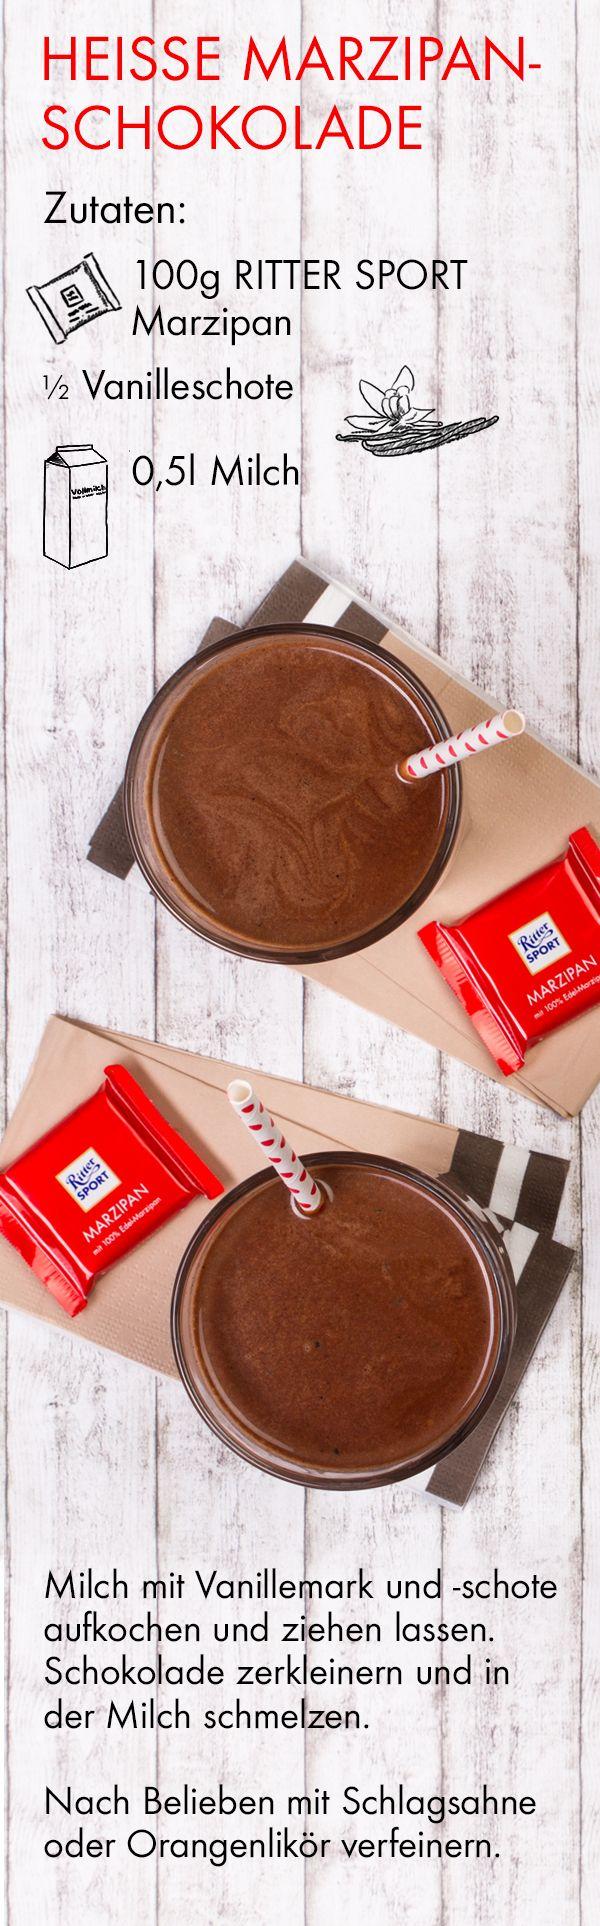 Heiße Schokolade kann jeder, aber heiße Marzipanschokolade kann nur RITTER SPORT. ;-) Hier gibt's das leckere Rezept zum Nachmachen.